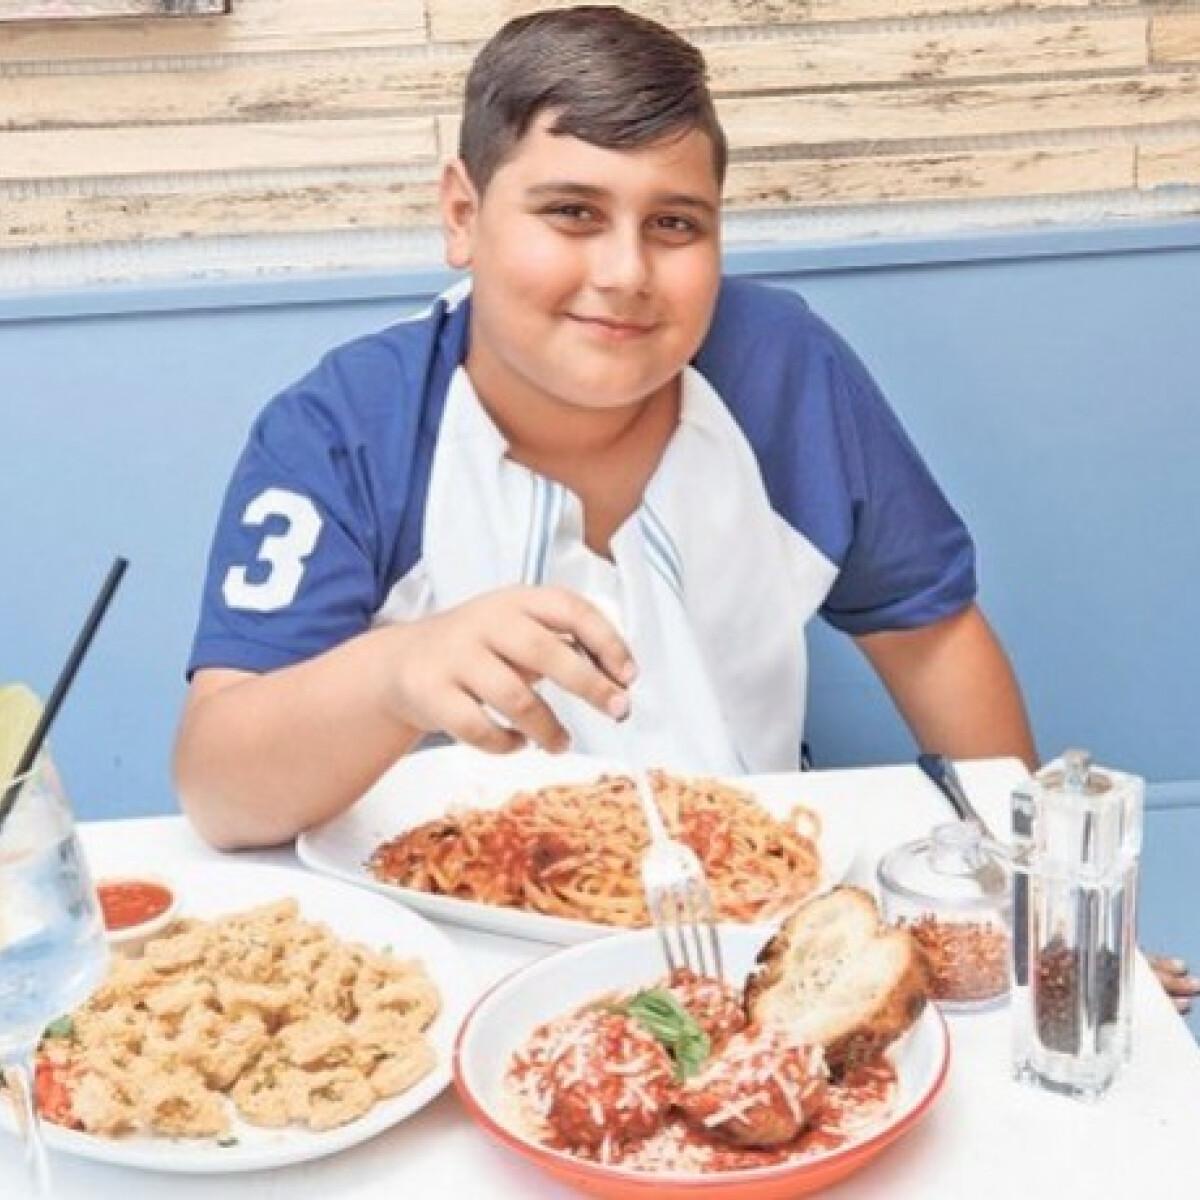 11 éves a srác, de már most New York egyik legszórakoztatóbb ételkritikusa